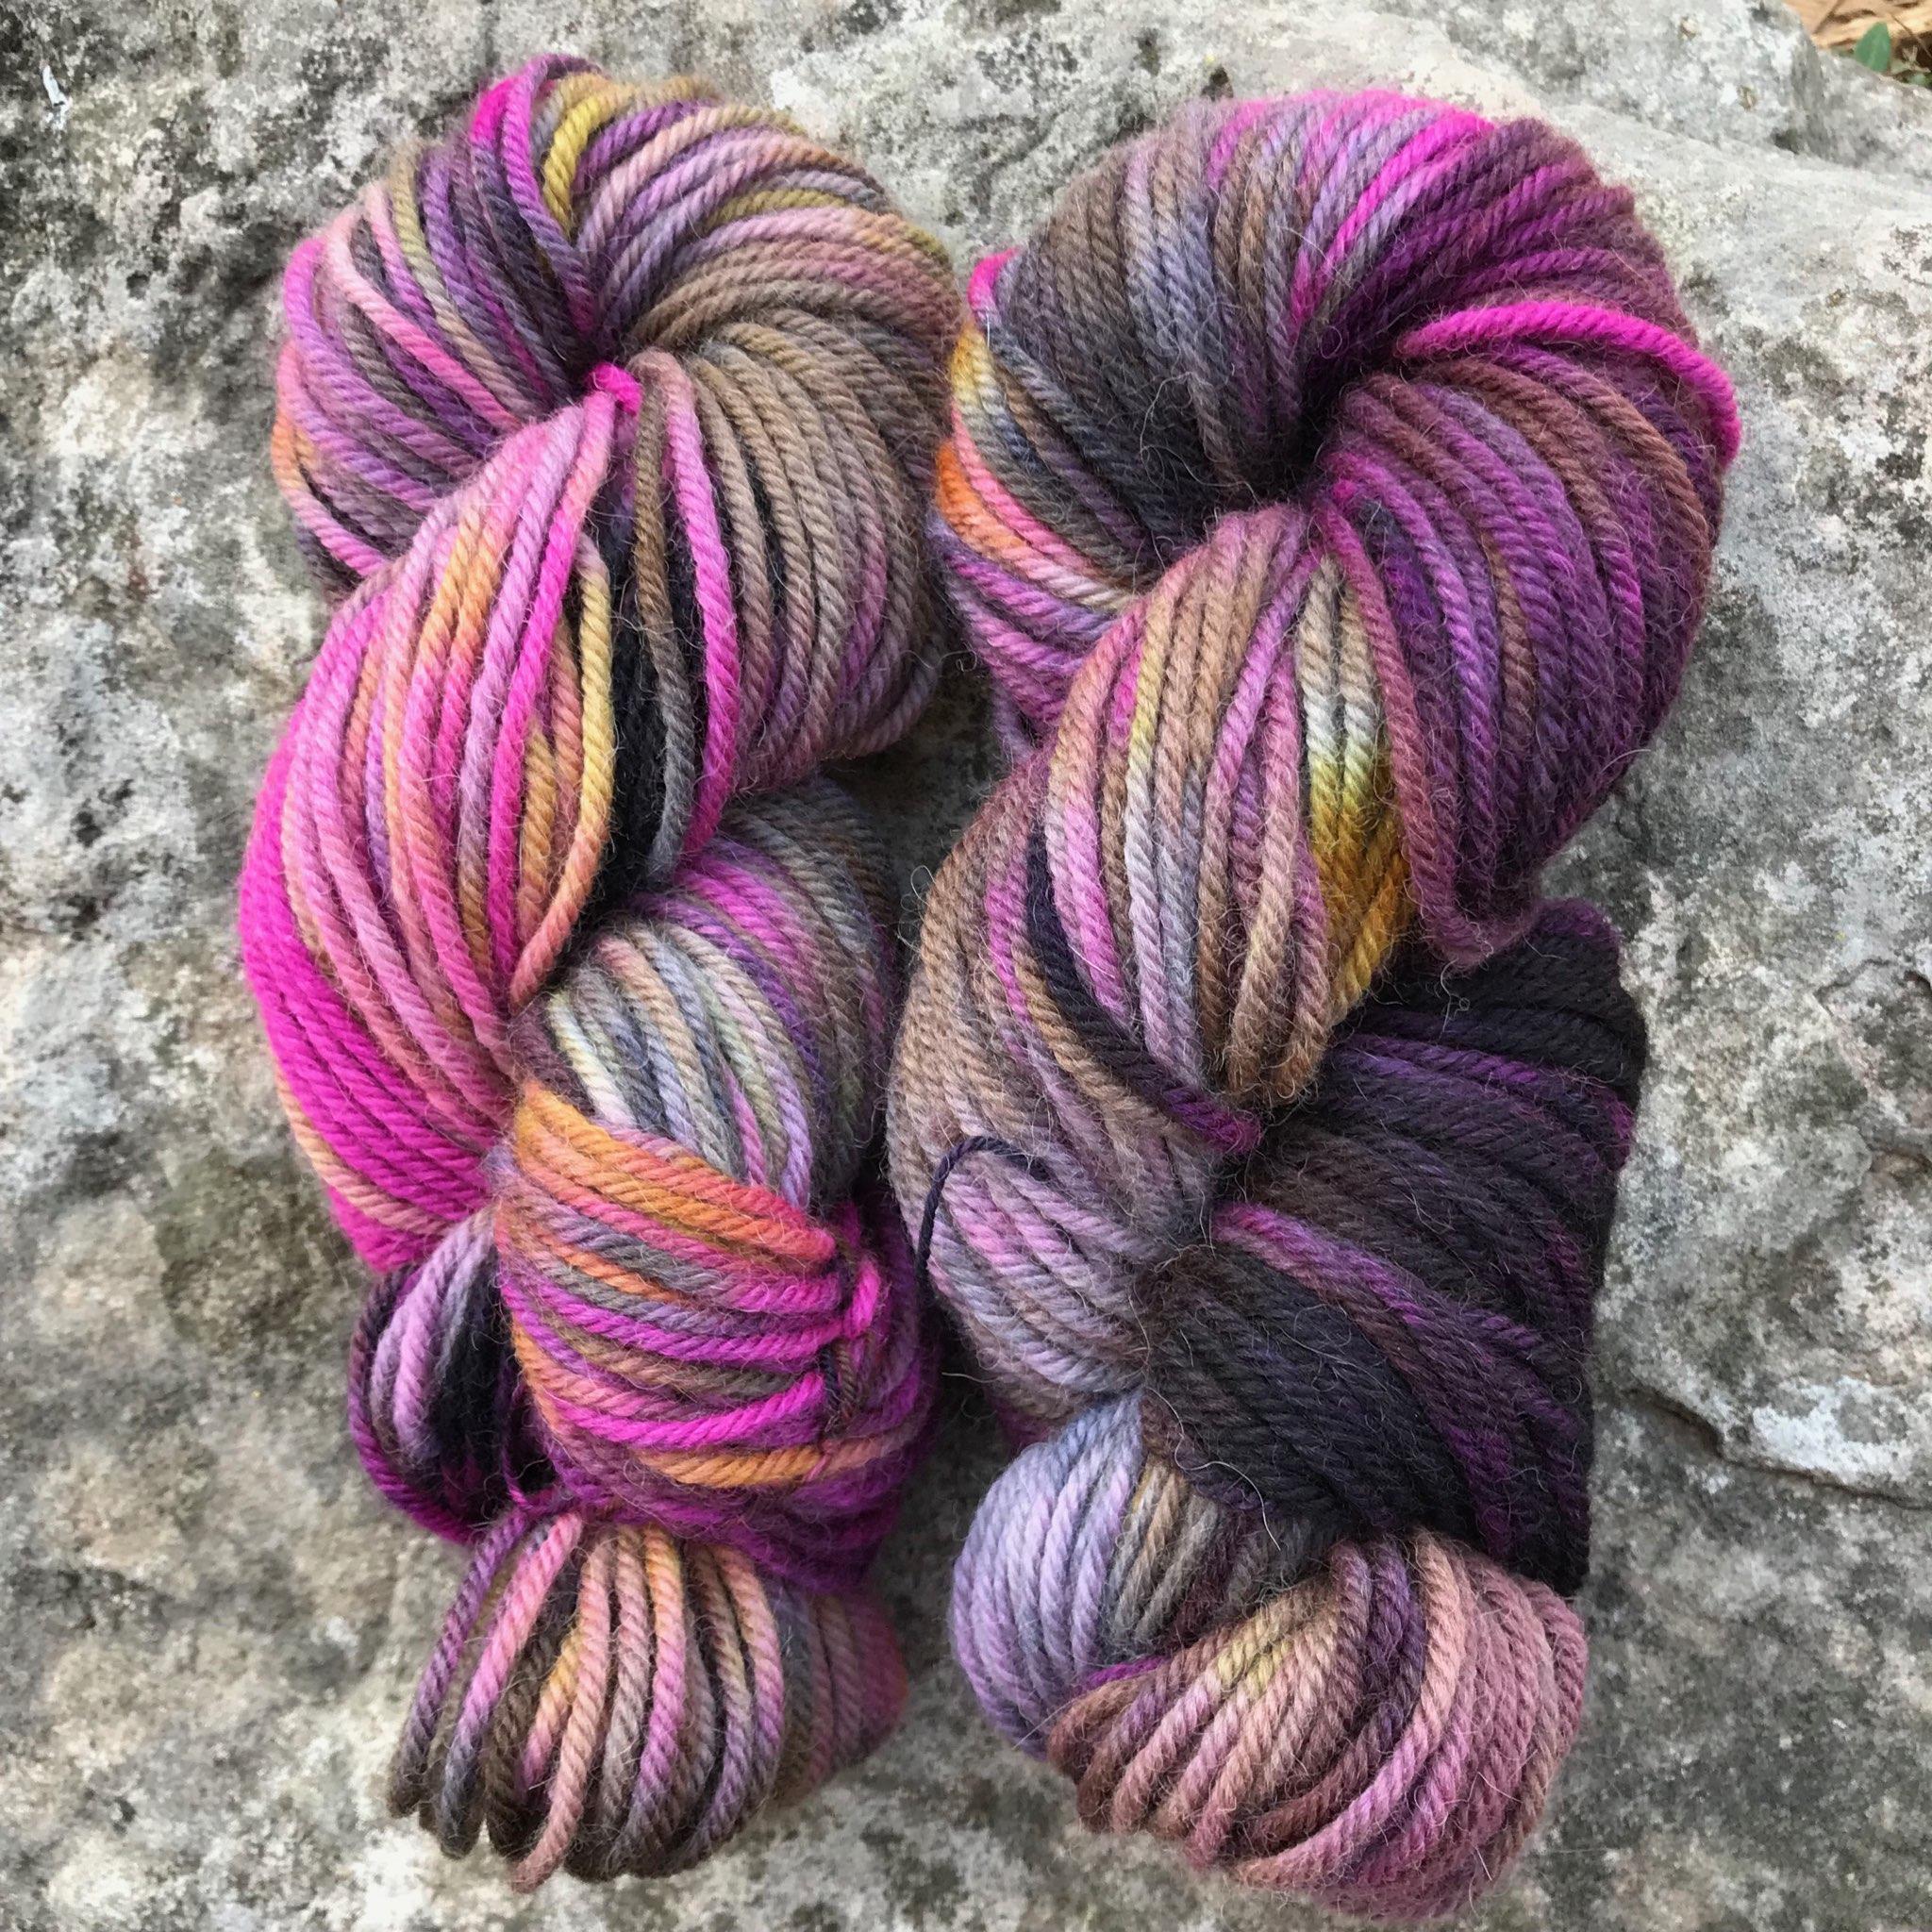 meredith jade keeton  Studio Location # 11  yarn & felt